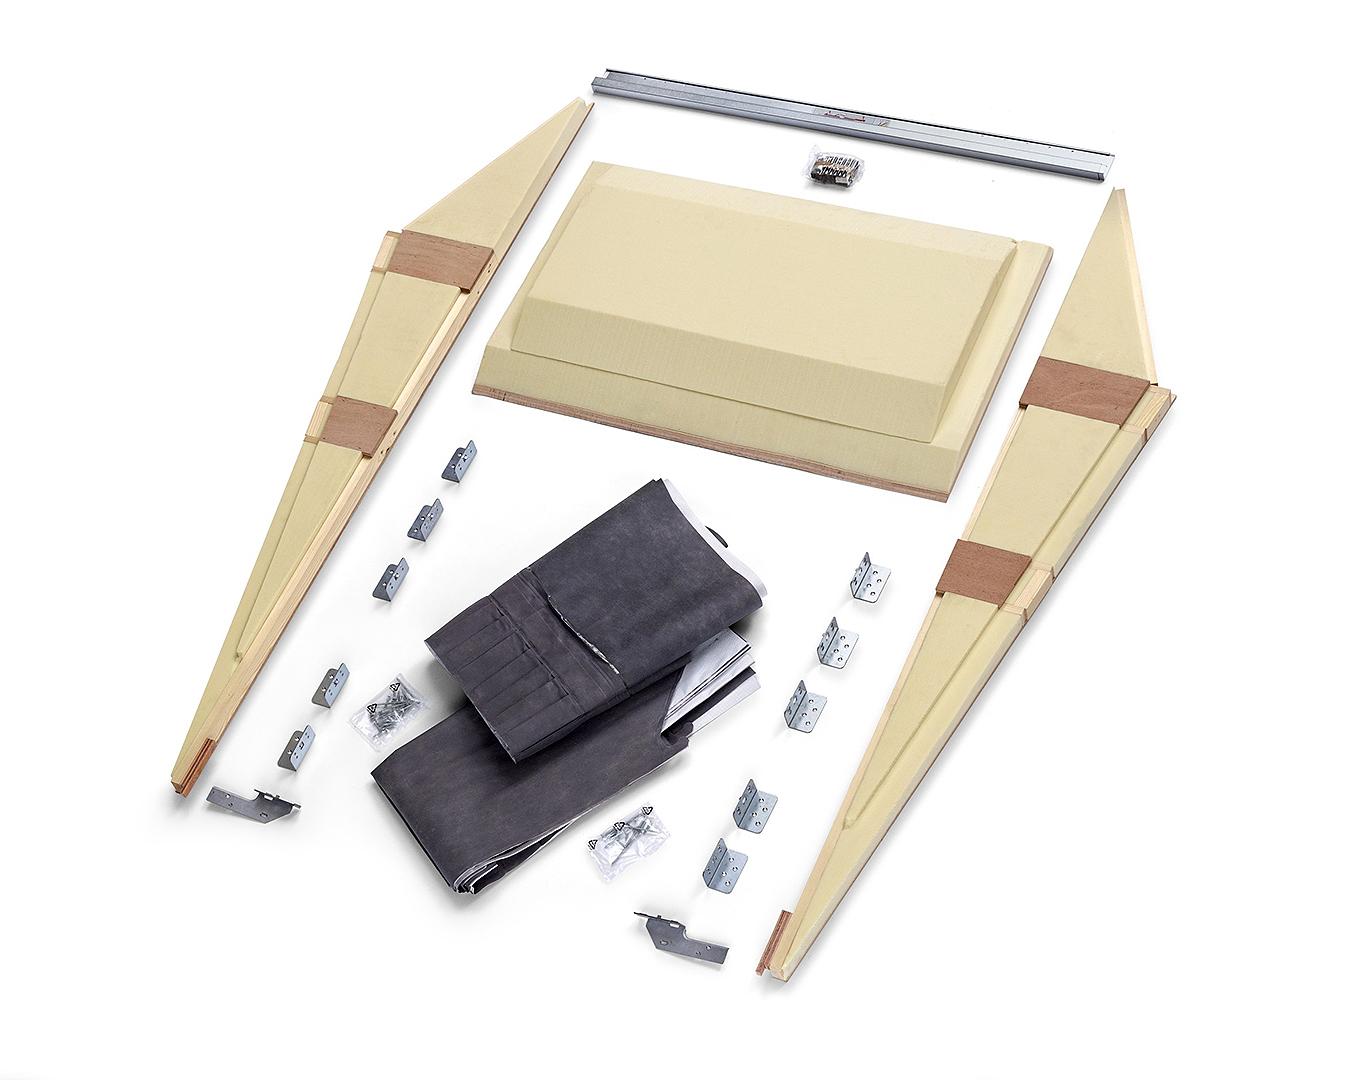 produkte dach holzbau d mmung bbk hagebaucentrum. Black Bedroom Furniture Sets. Home Design Ideas